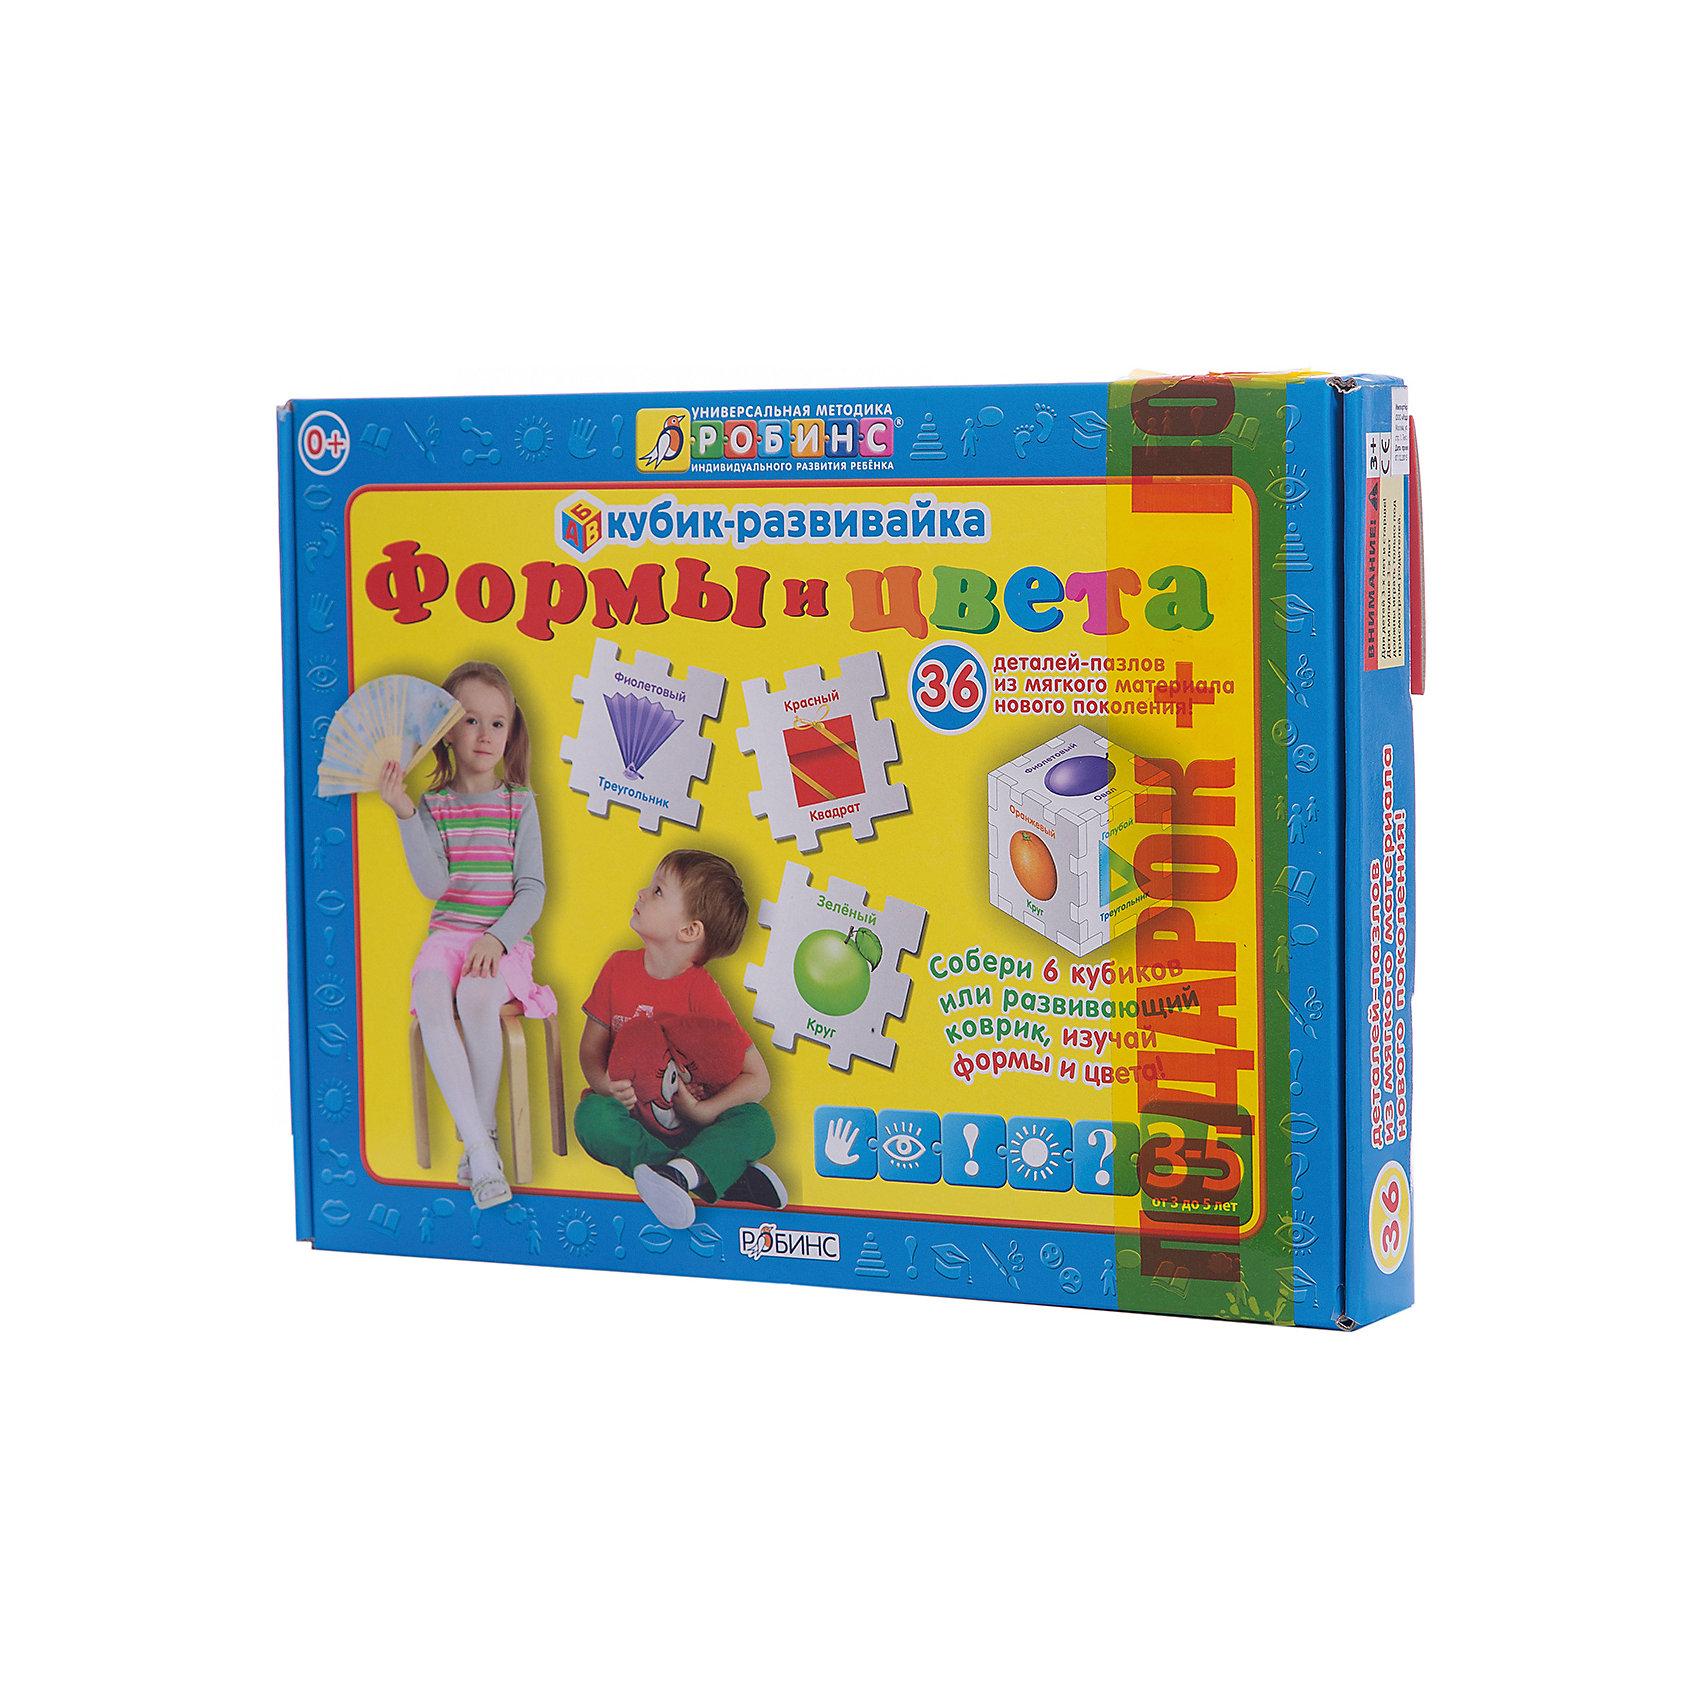 Кубик-развивайка: Формы и цветаИзучаем цвета и формы<br>Набор Кубик-развивайка. Формы и цвета поможет вашему малышу изучить и запомнить формы и цвета, познакомит его с окружающим миром и поможет развитию у вашего ребёнка логического мышления, внимания и воображения. В наборе Вы найдете 36 деталей, на каждой из которых расположен предмет какого-либо из 6 основных цветов (красный, оранжевый, желтый, зеленый, голубой, фиолетовый). Вы можете собрать 6 кубиков (по 6 деталей в каждом), 1 средний кубик (24 детали), соединенные вместе 36 деталей-пазлов превращаются в развивающий коврик. Мягкий безопасный материал прекрасно подходит для игры в ванне. Собирайте конструктор, коврик или крепите детали на стены в ванной.<br><br>Ширина мм: 245<br>Глубина мм: 250<br>Высота мм: 9<br>Вес г: 245<br>Возраст от месяцев: 12<br>Возраст до месяцев: 60<br>Пол: Унисекс<br>Возраст: Детский<br>SKU: 5034142